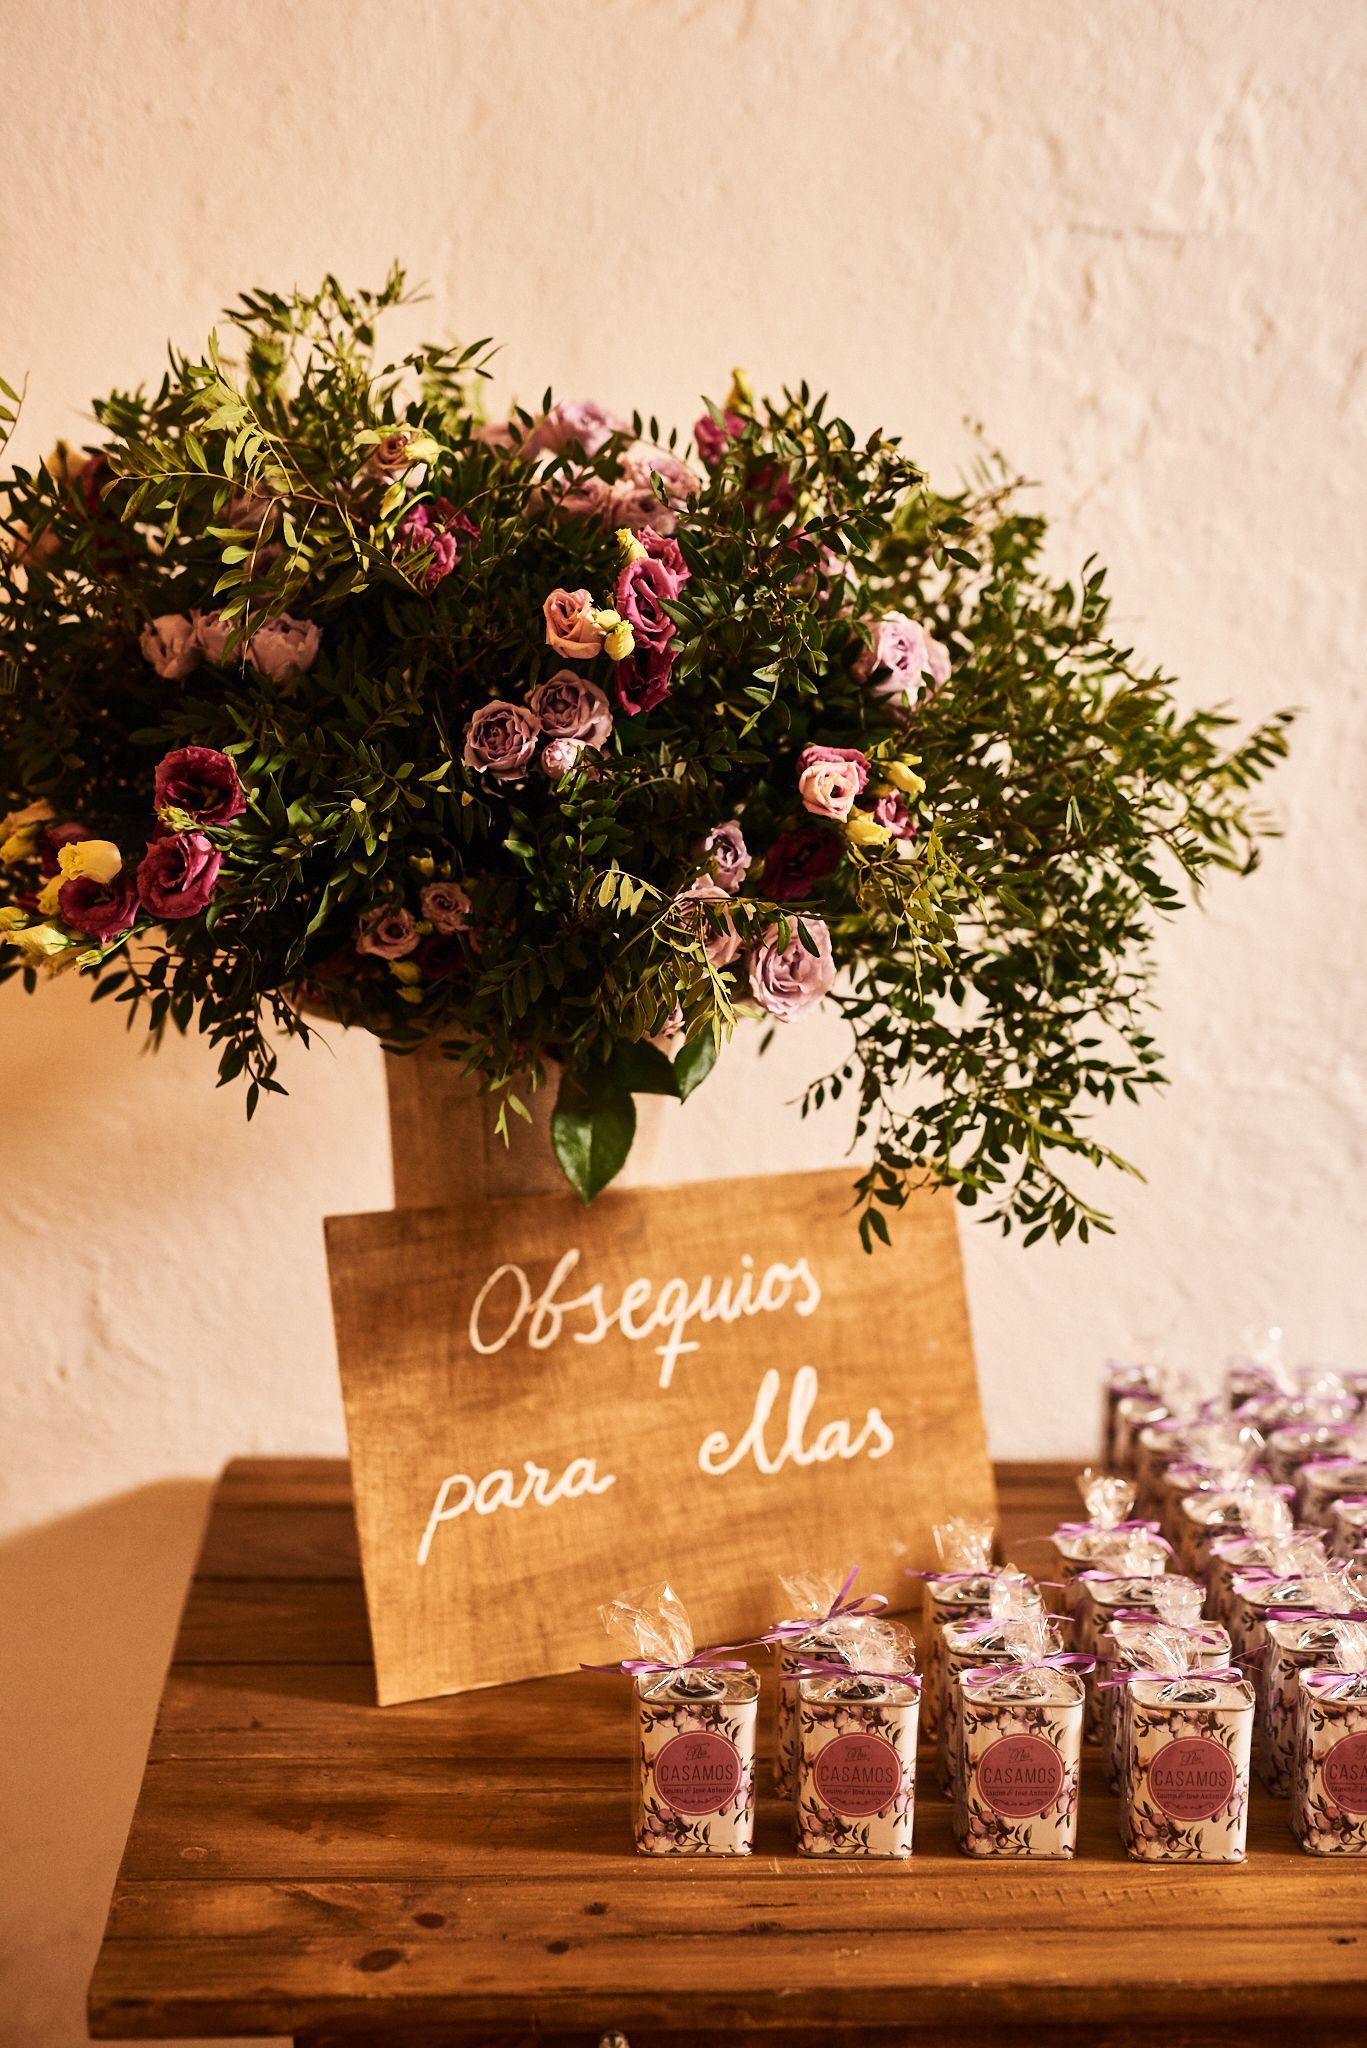 La-22Destination-Wedding22-en-Moguer-de-Lauren-y-JosC3A9-Antonio-JoseAntonio-alejandromarmol2763.jpg